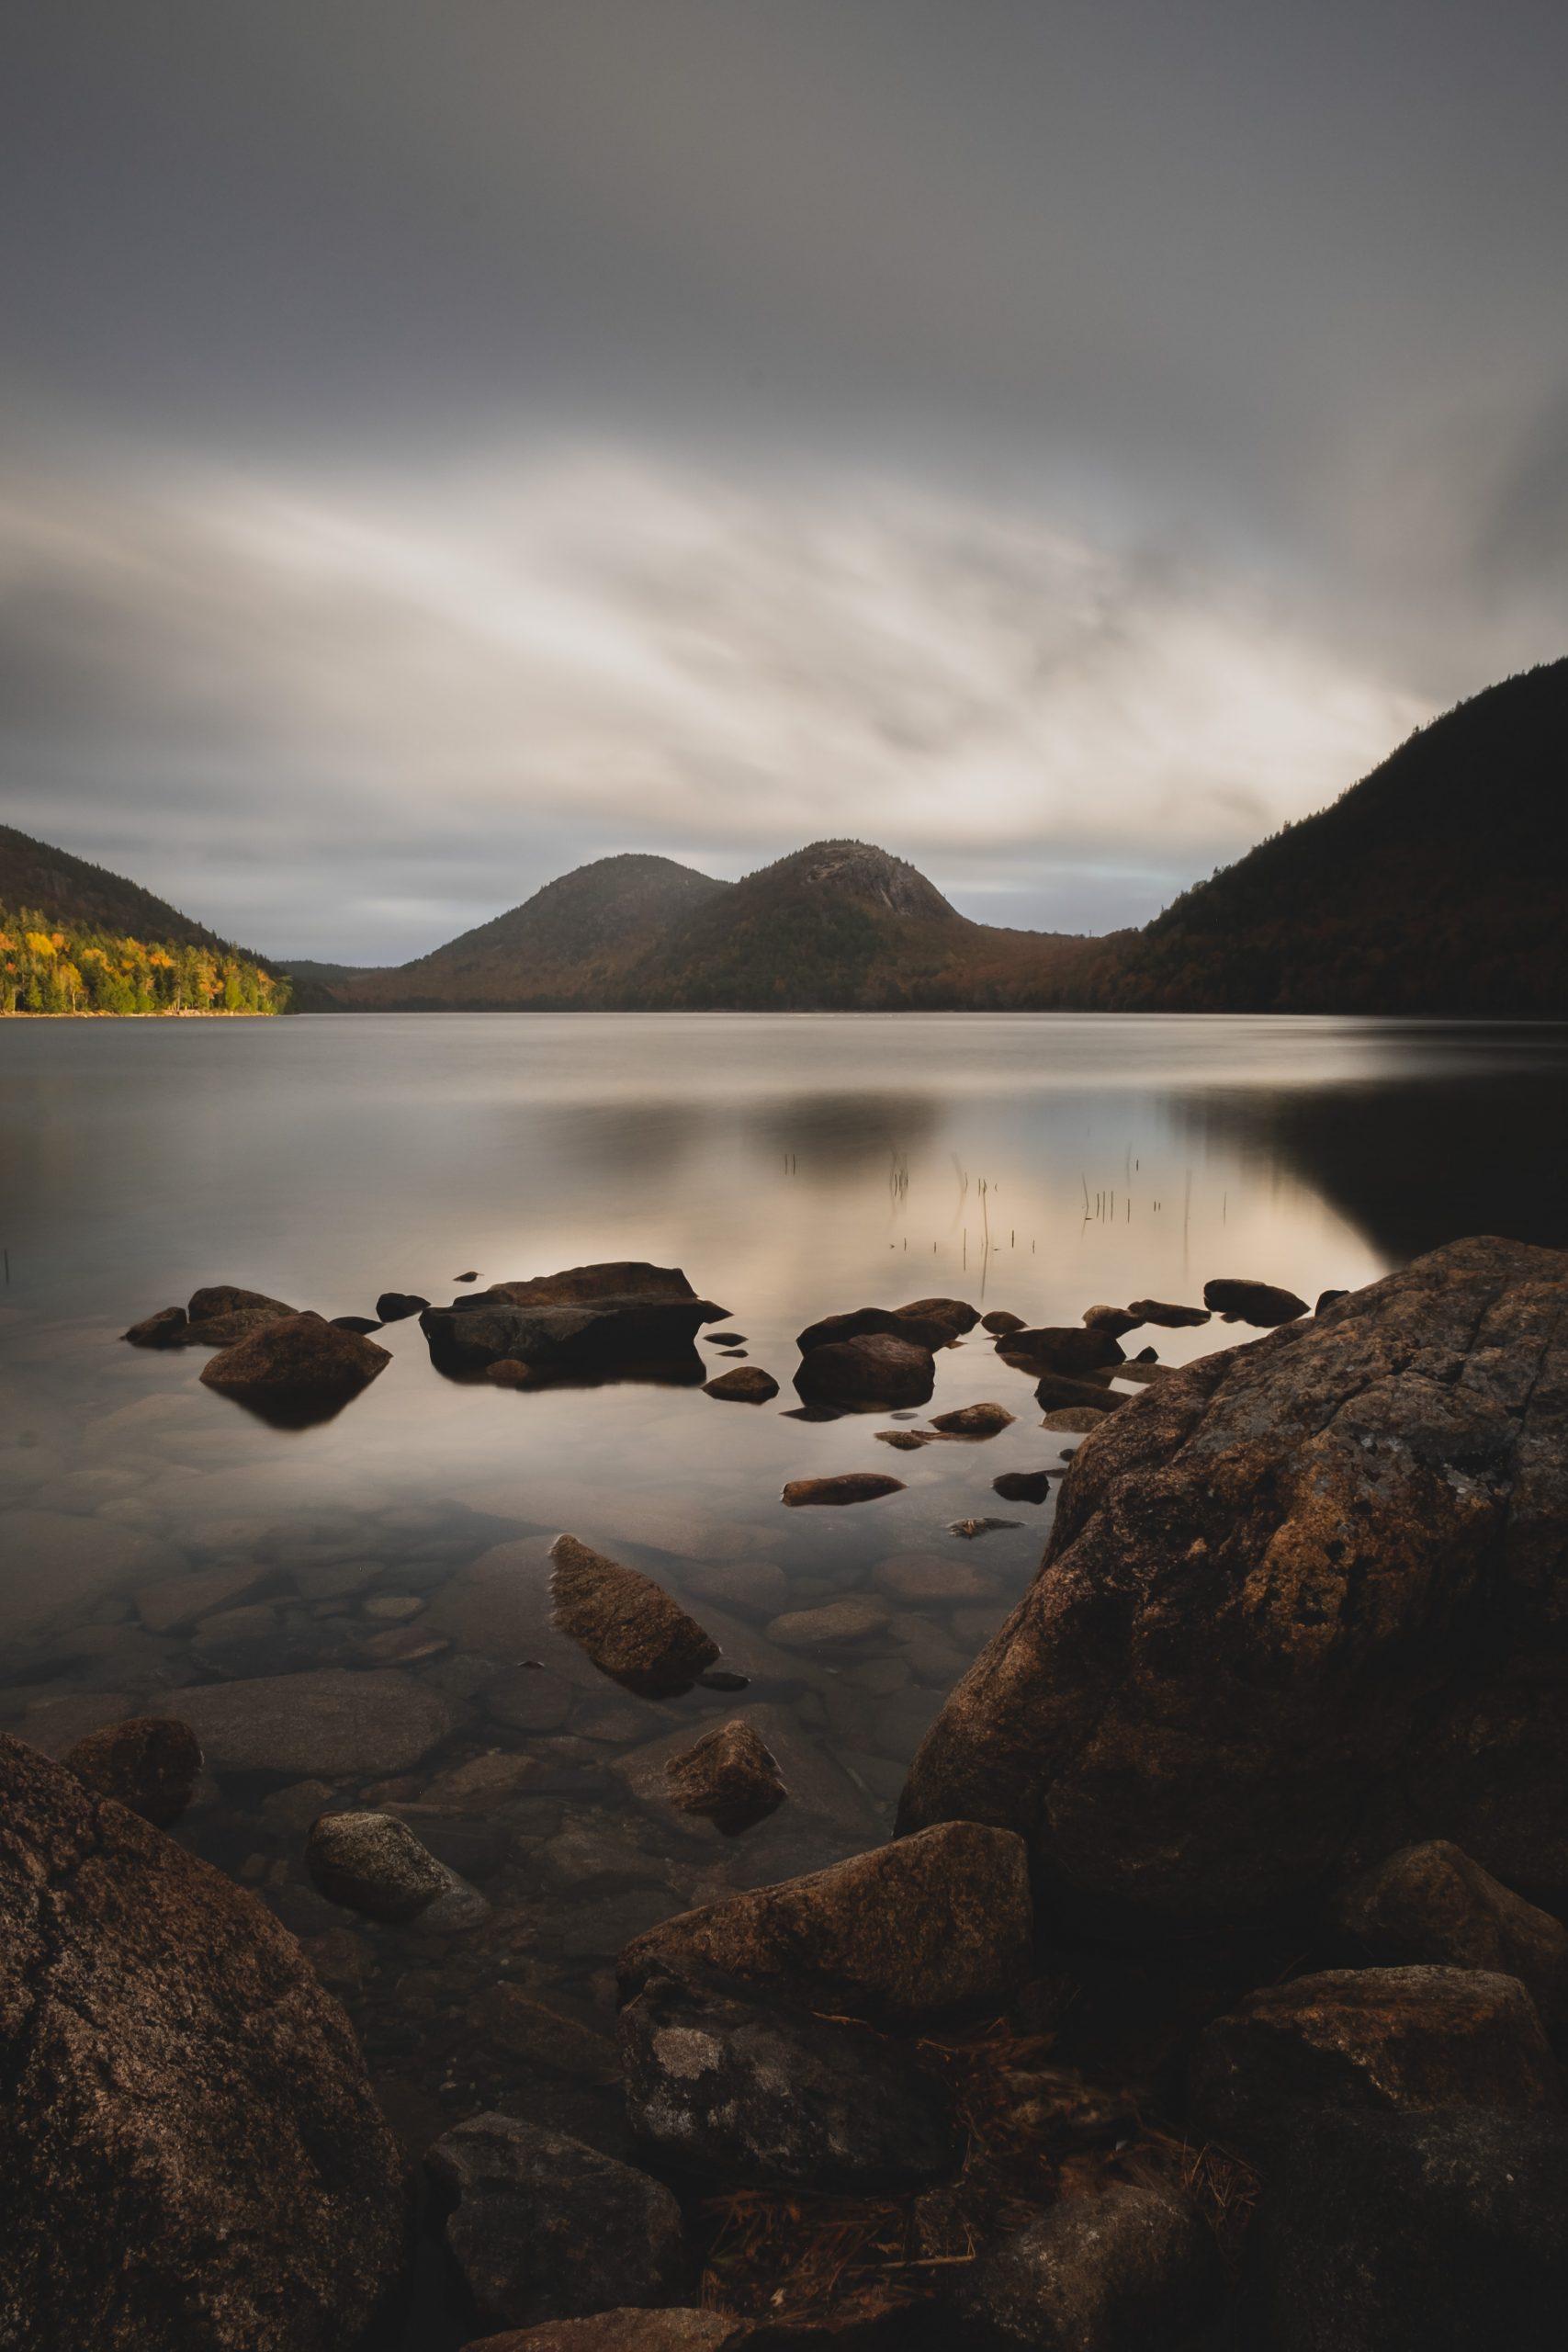 Cloudy Lake Wallpaper